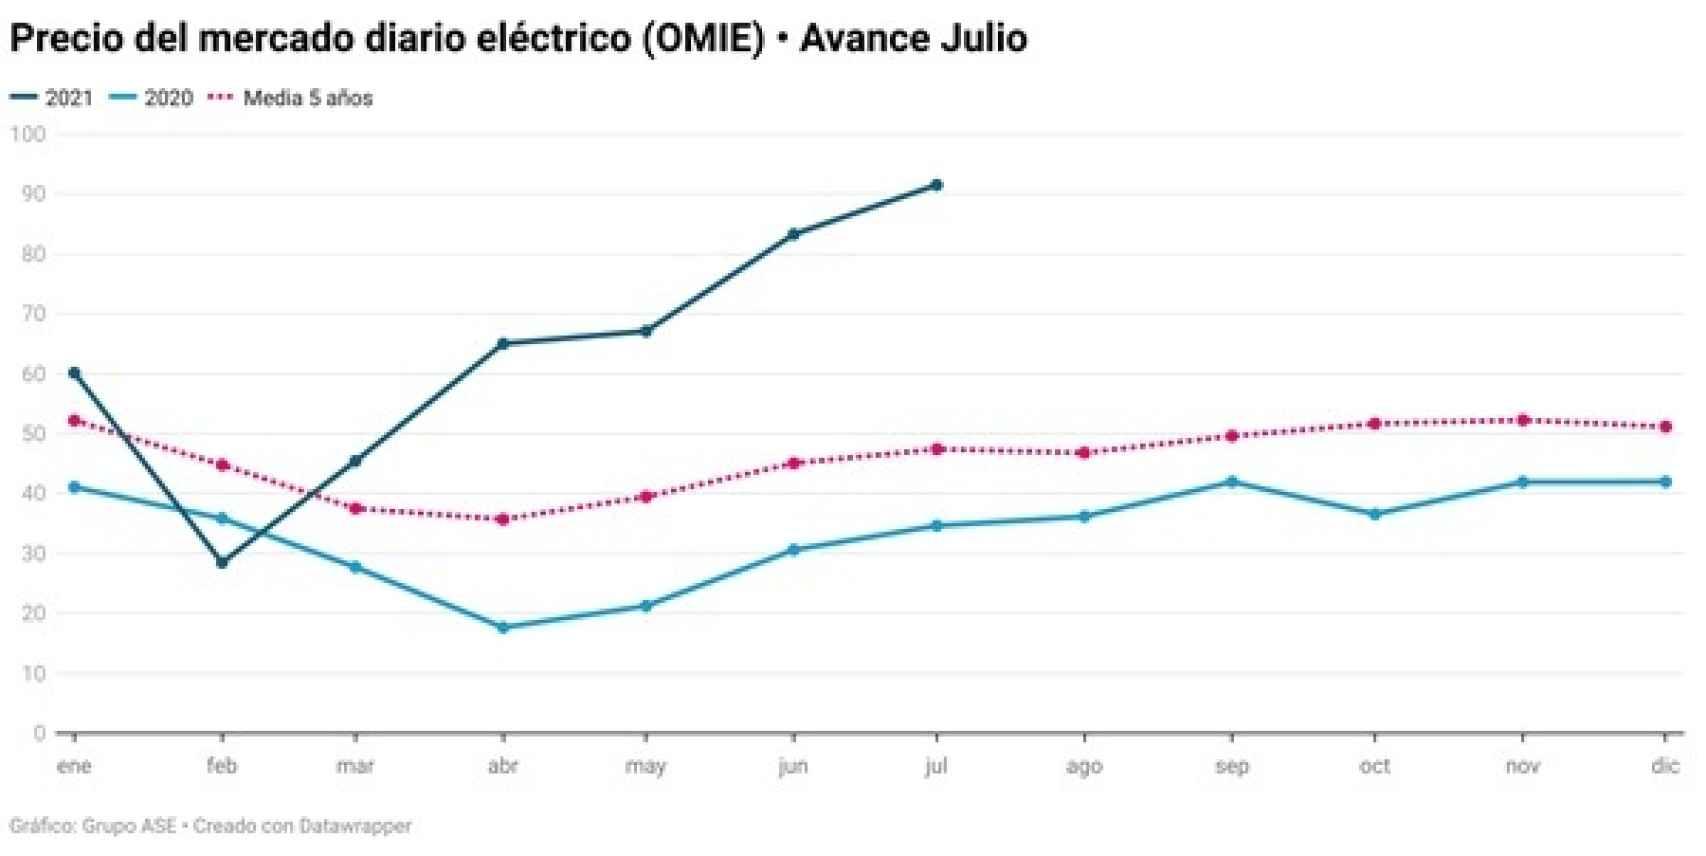 Comparativa de precios del mercado eléctrico. Fuente: Grupo ASE